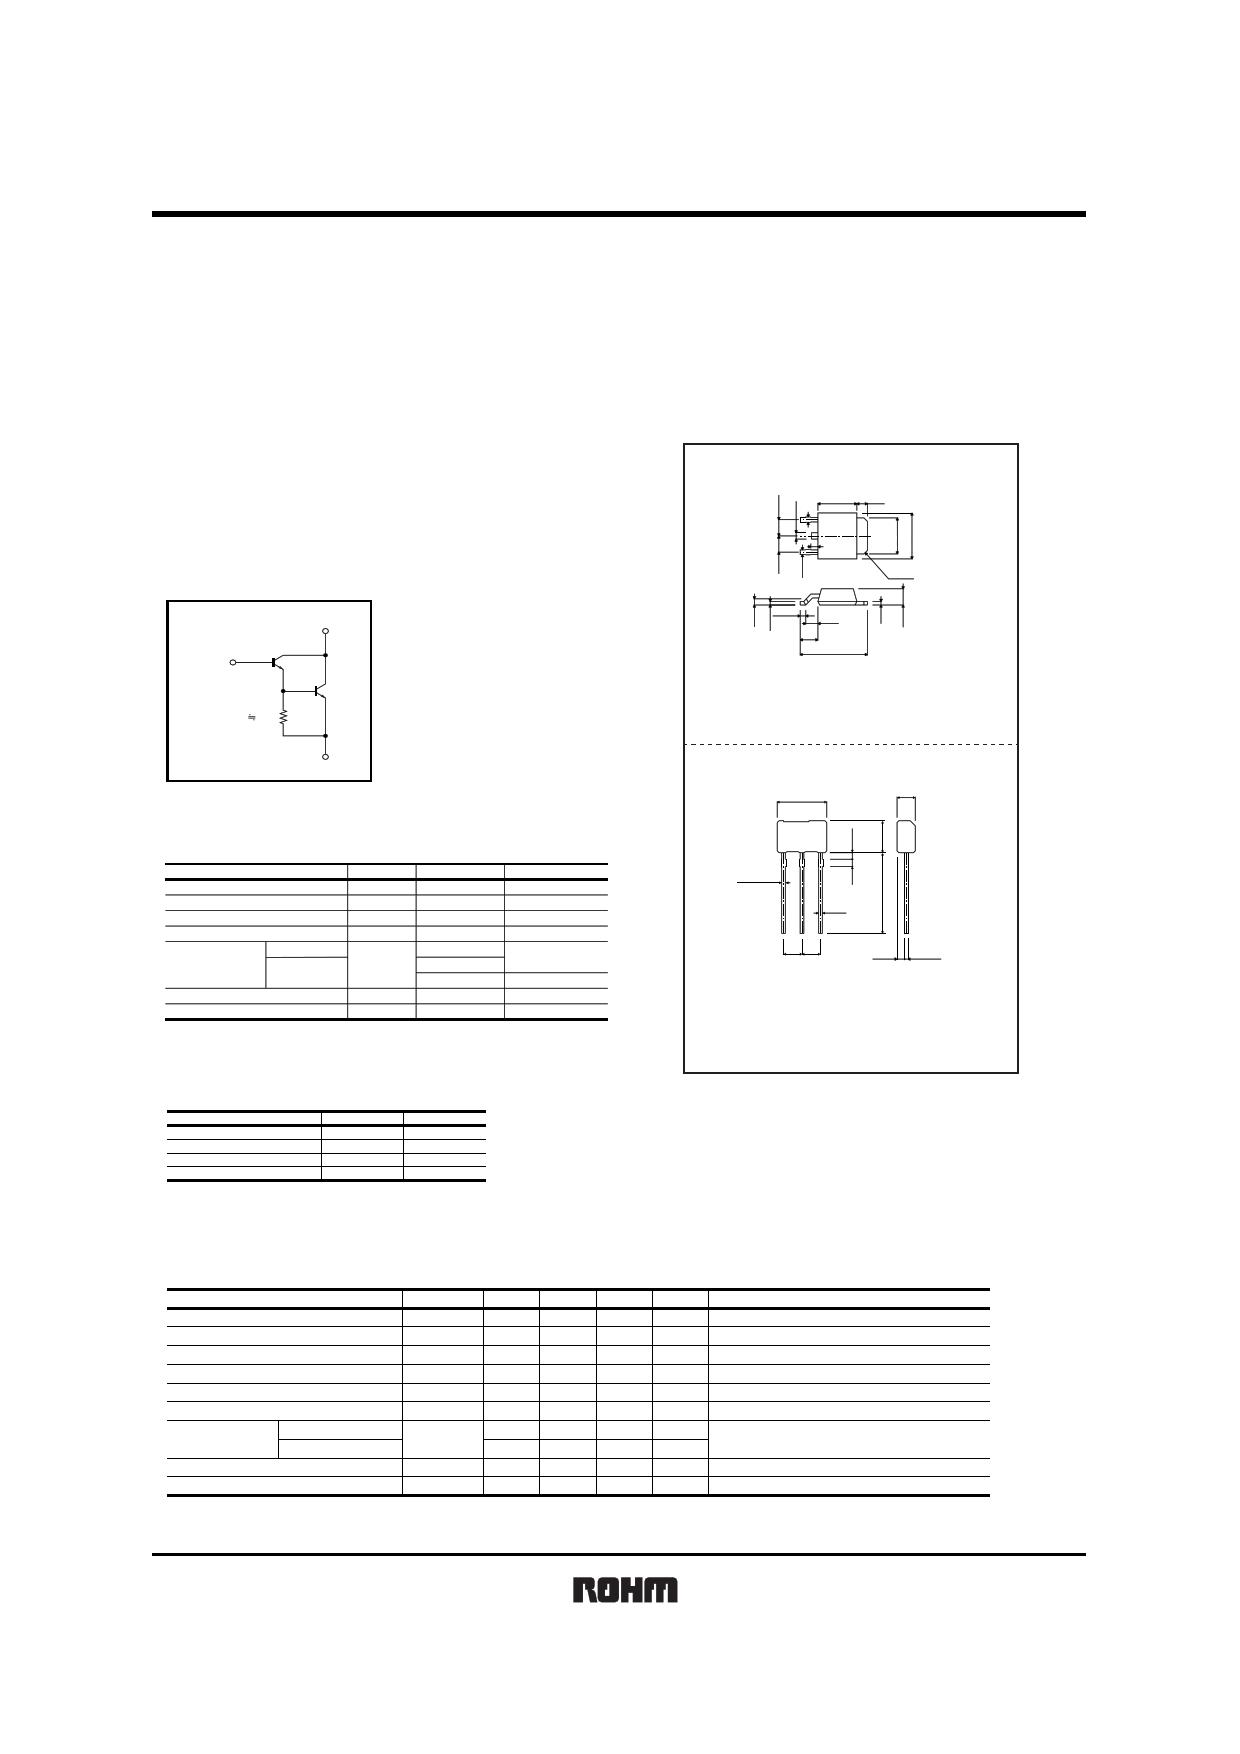 2SD1861 datasheet, circuit